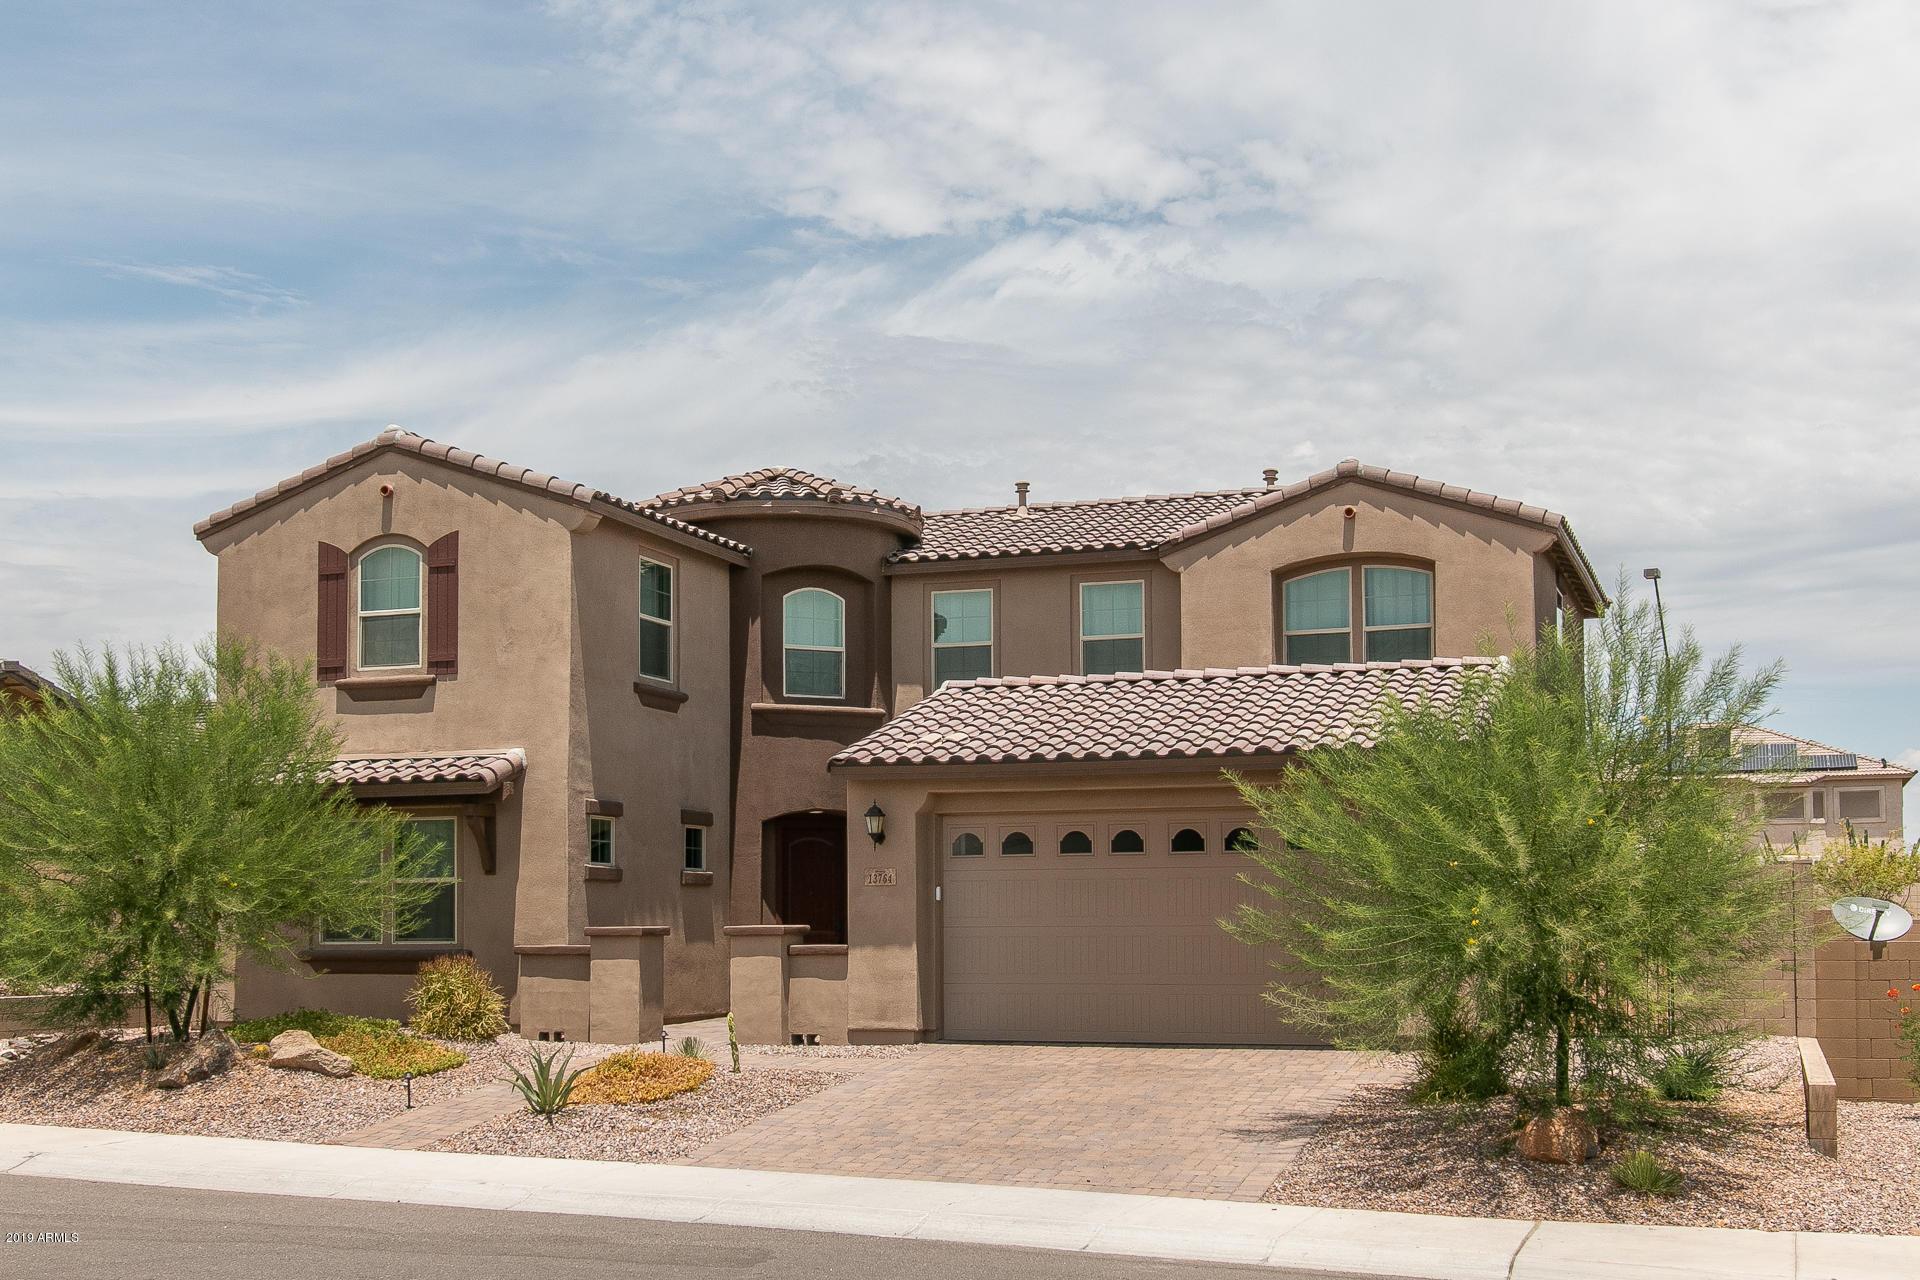 Photo of 13764 W SARANO Terrace, Litchfield Park, AZ 85340